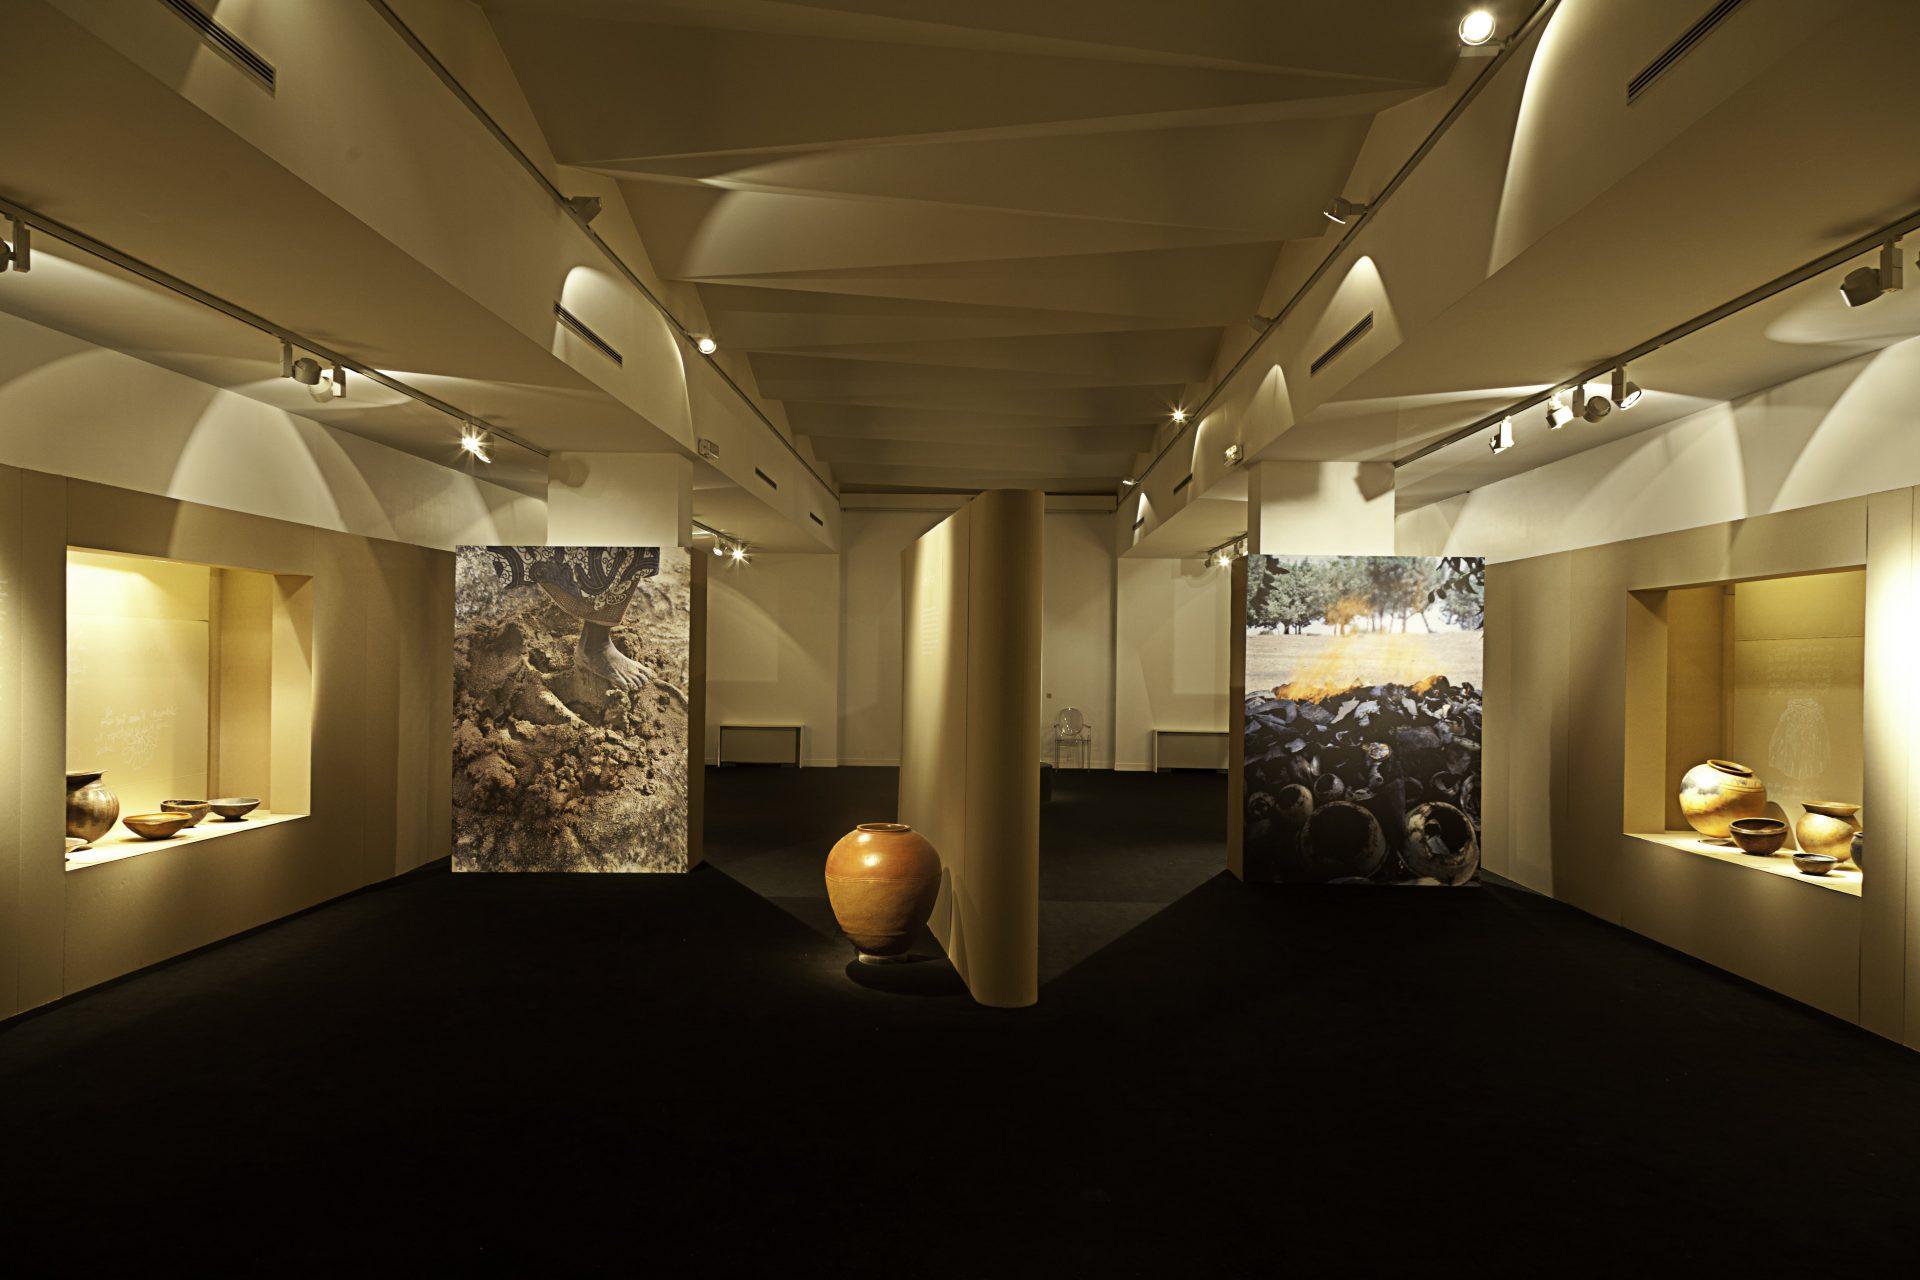 Exposition Terres d'Afrique Musée National de la Céramique Sèvres